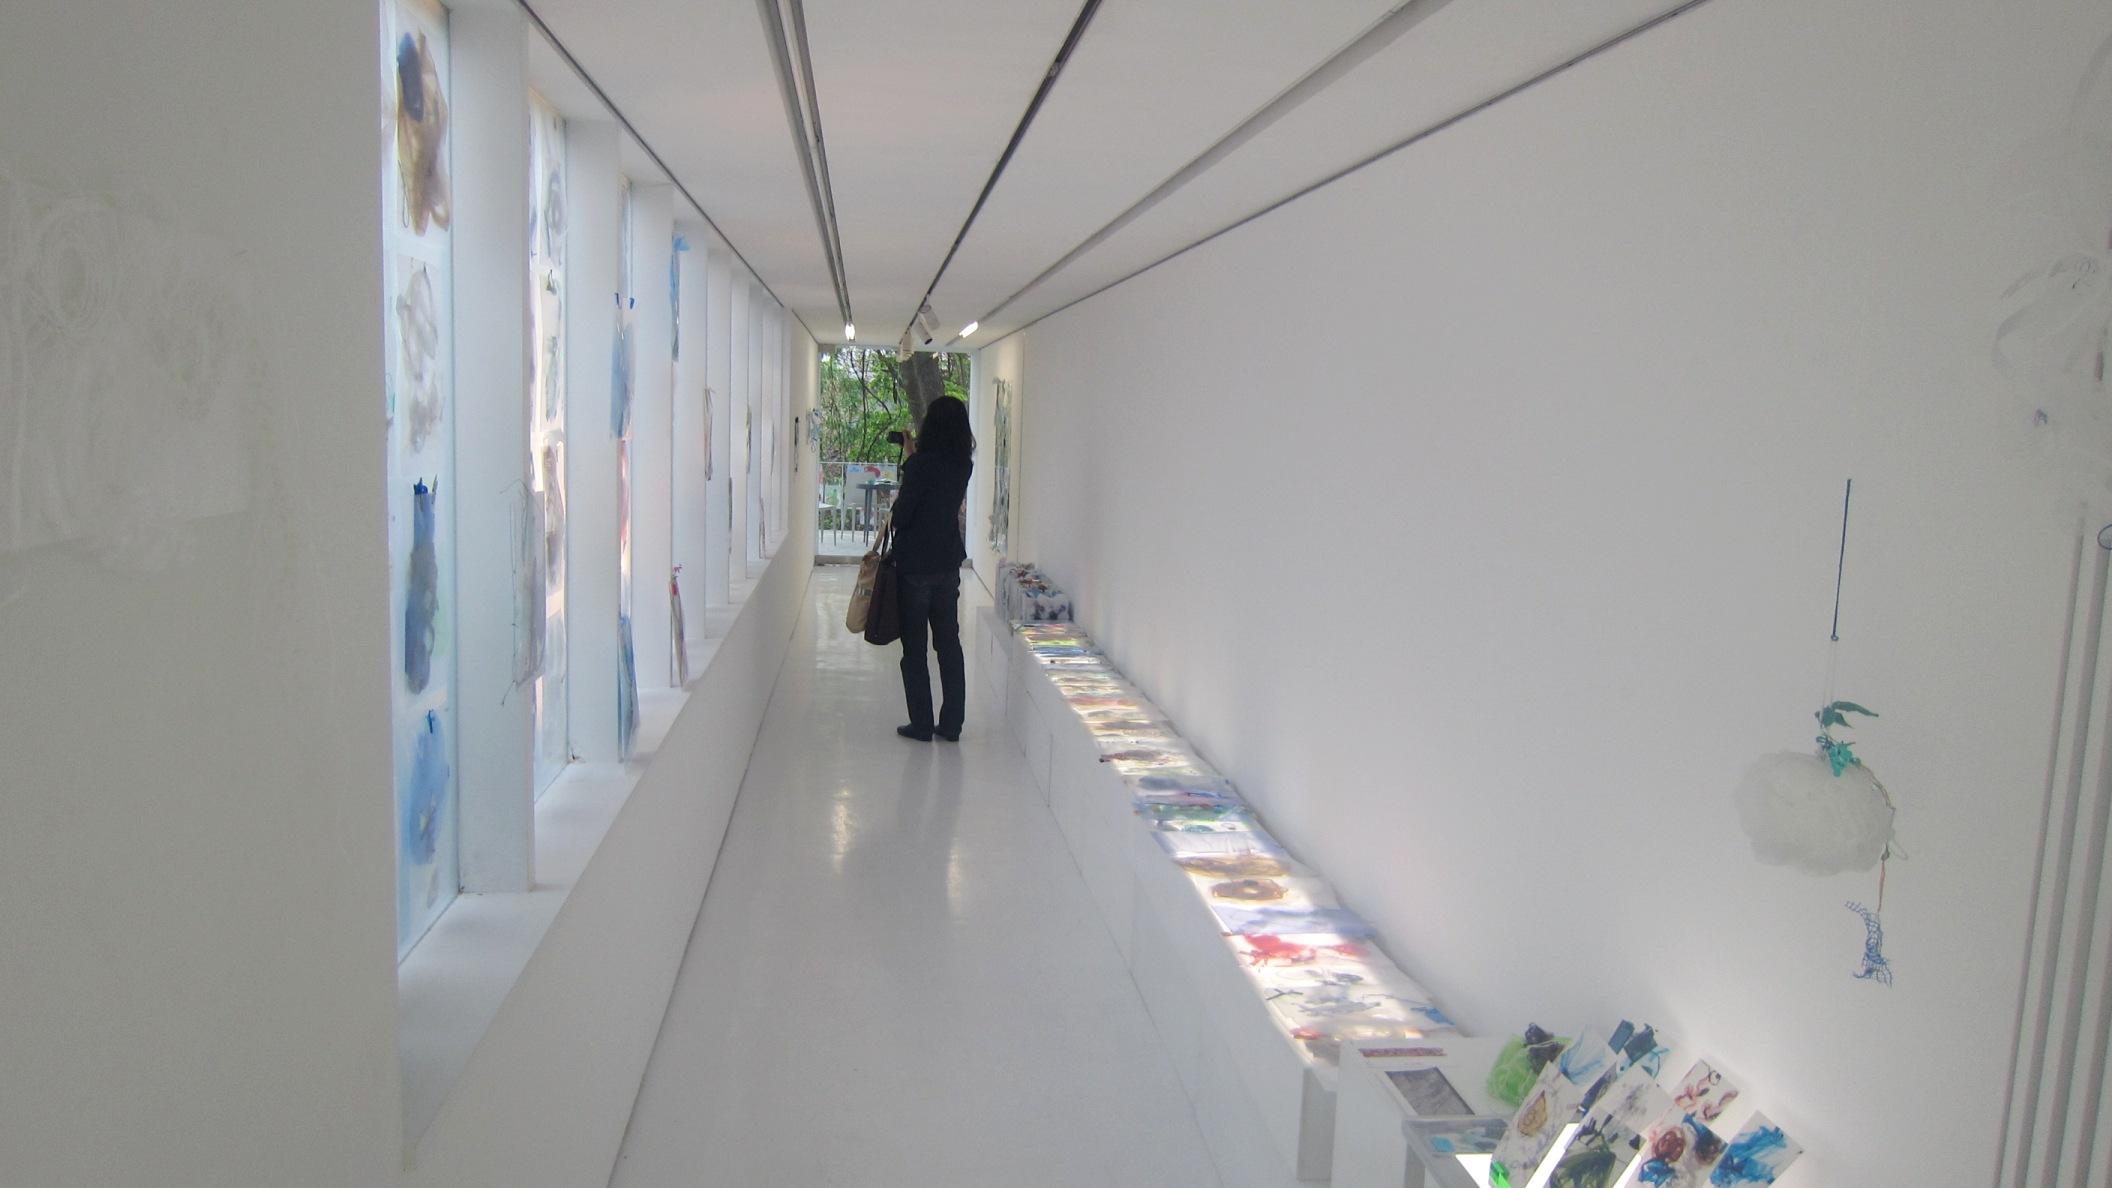 2084) 「瀬川葉子 展 『FILE』」 門馬 5月24日(金)~6月9日(日)_f0126829_18321996.jpg